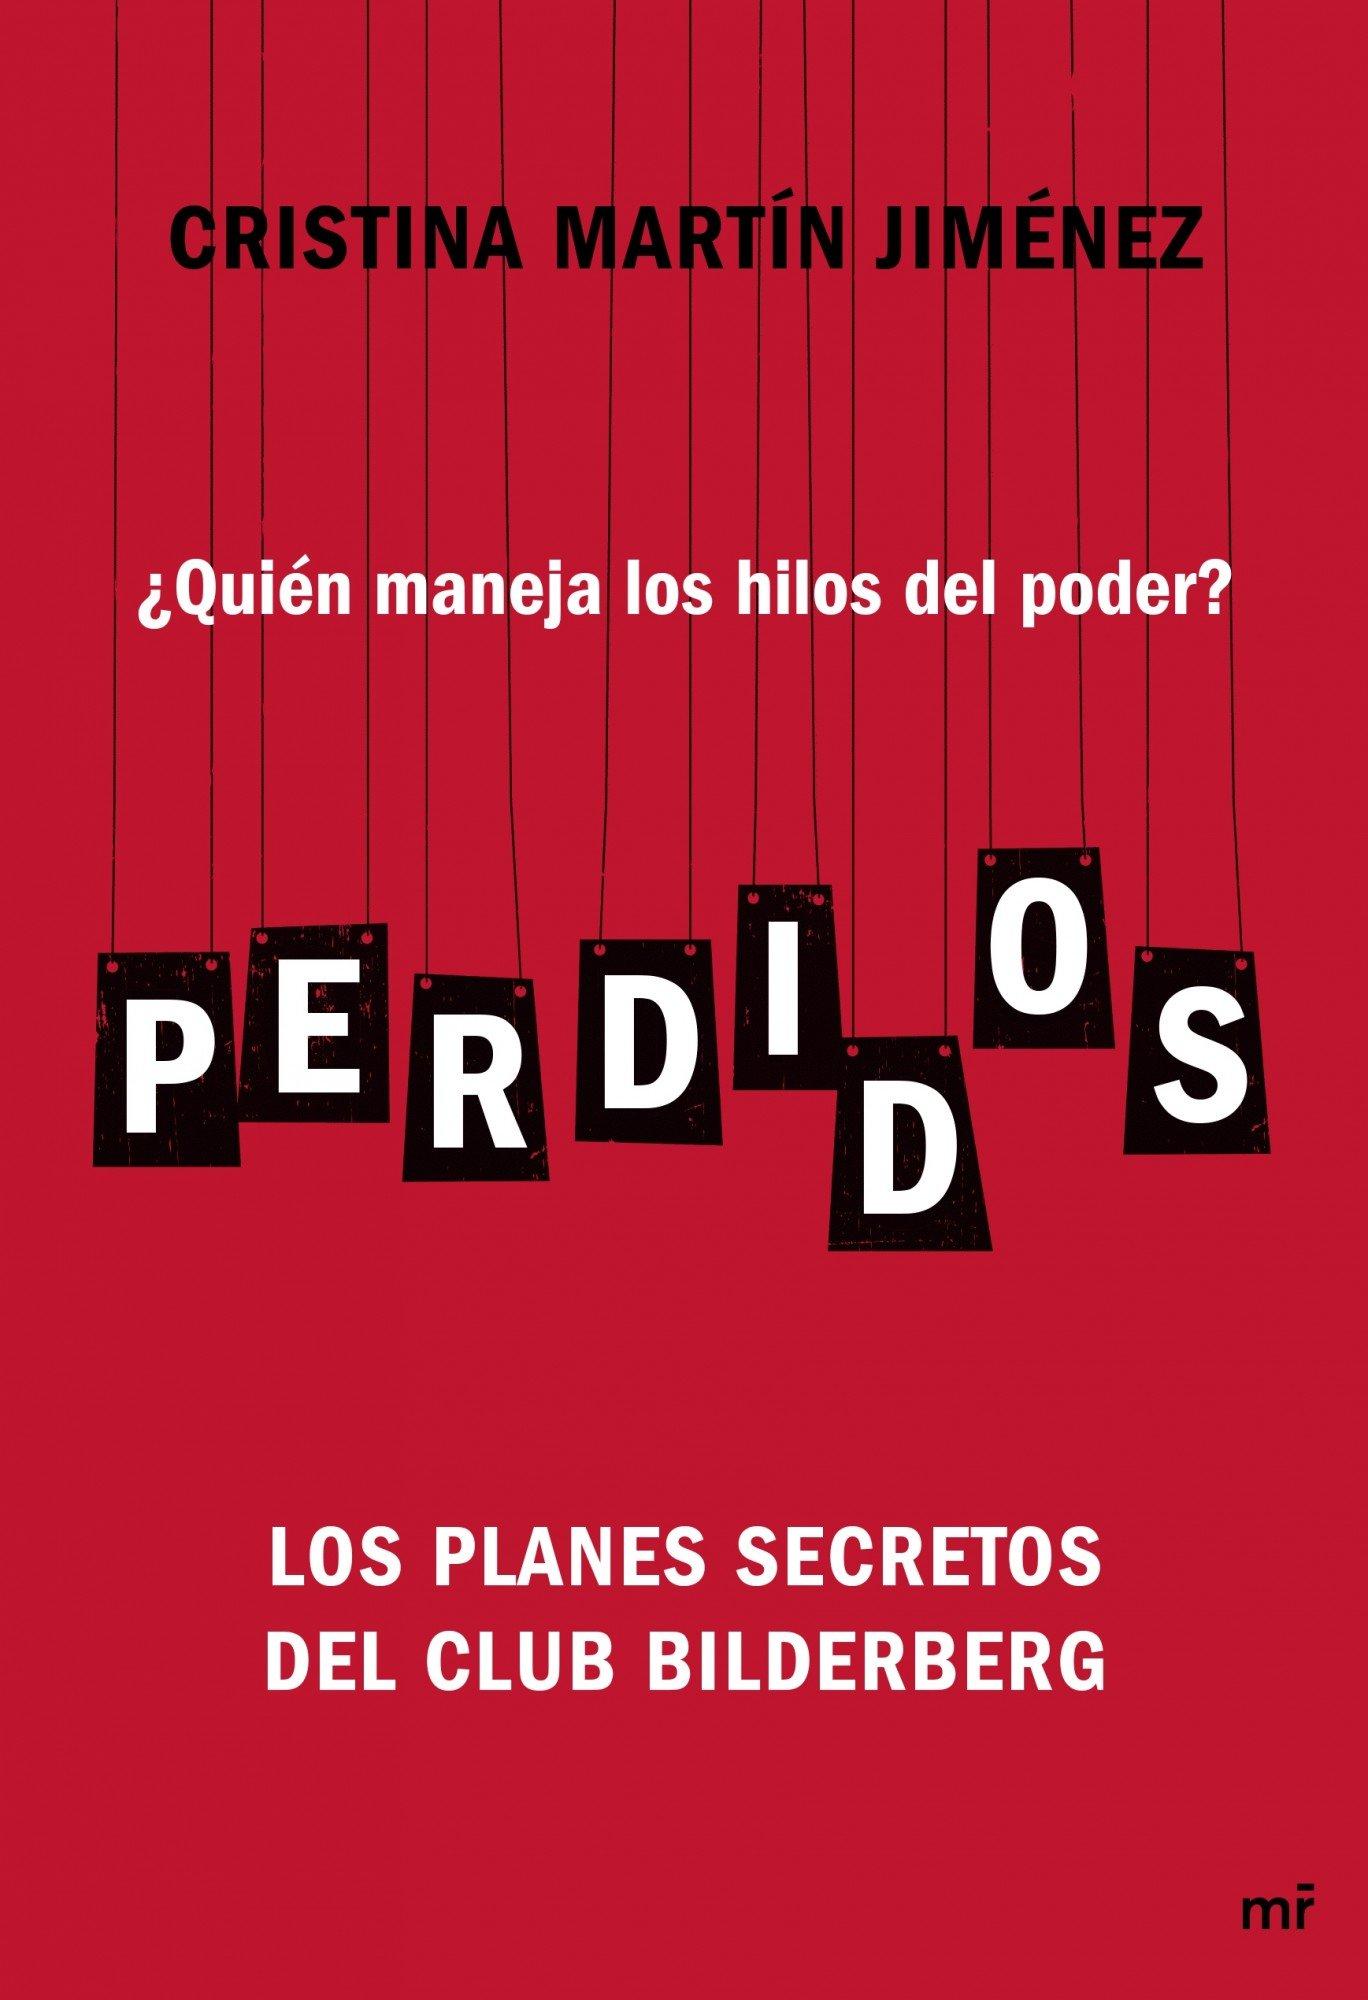 Perdidos: ¿Quién maneja los hilos del poder? Los planes secretos del Club Bilderberg (Spanish Edition)